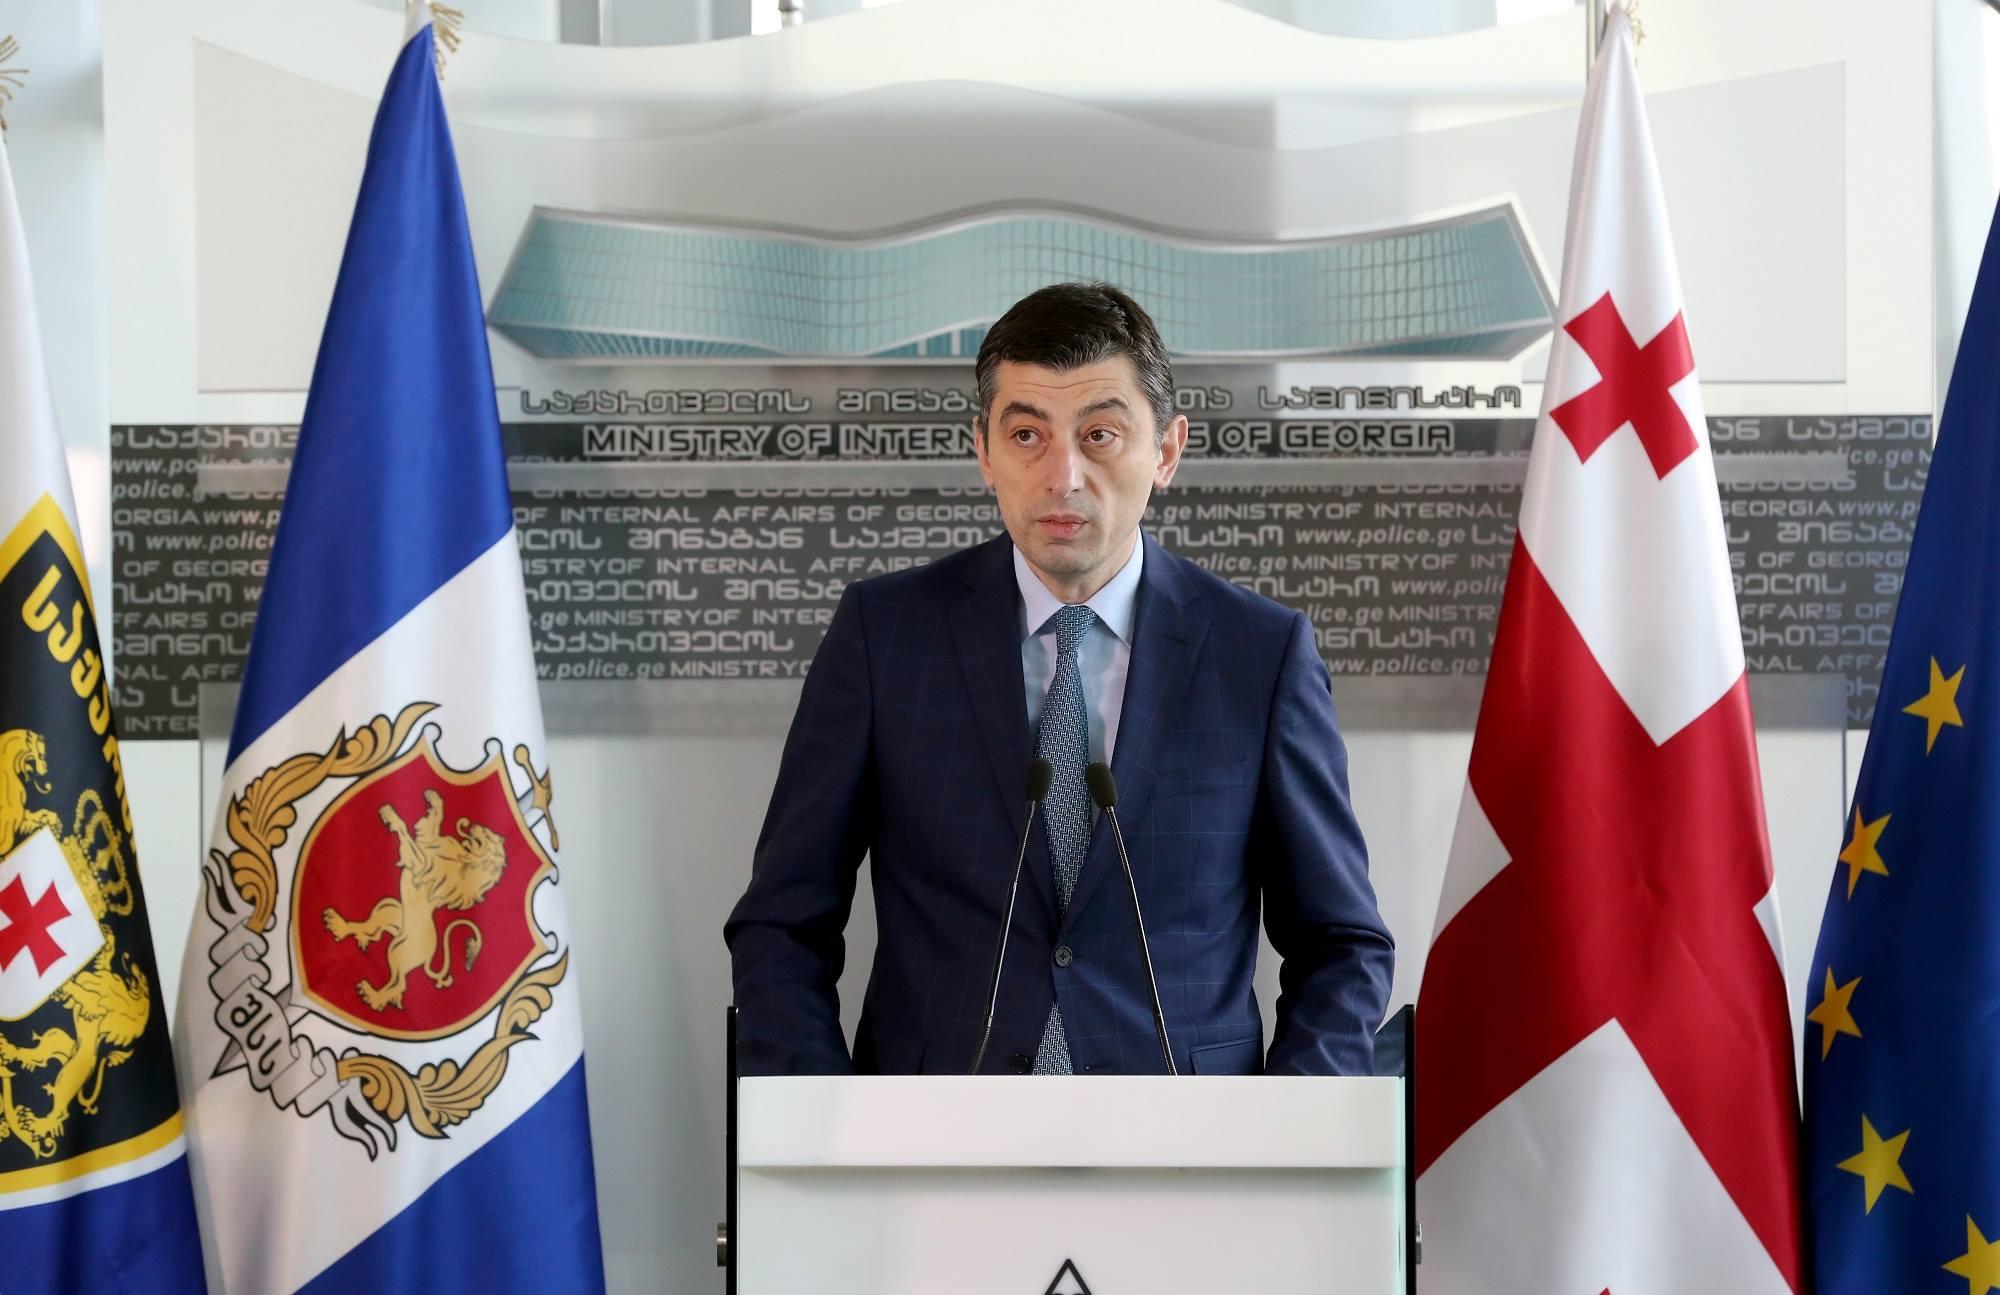 Министр внутренних дел Грузии, возможно, гражданин России